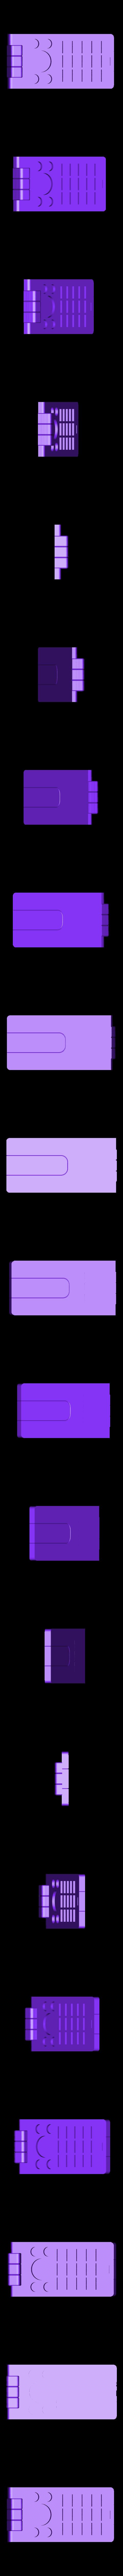 YG_phone_base.stl Télécharger fichier STL gratuit Yuno Gasai téléphone • Modèle imprimable en 3D, caramellcube